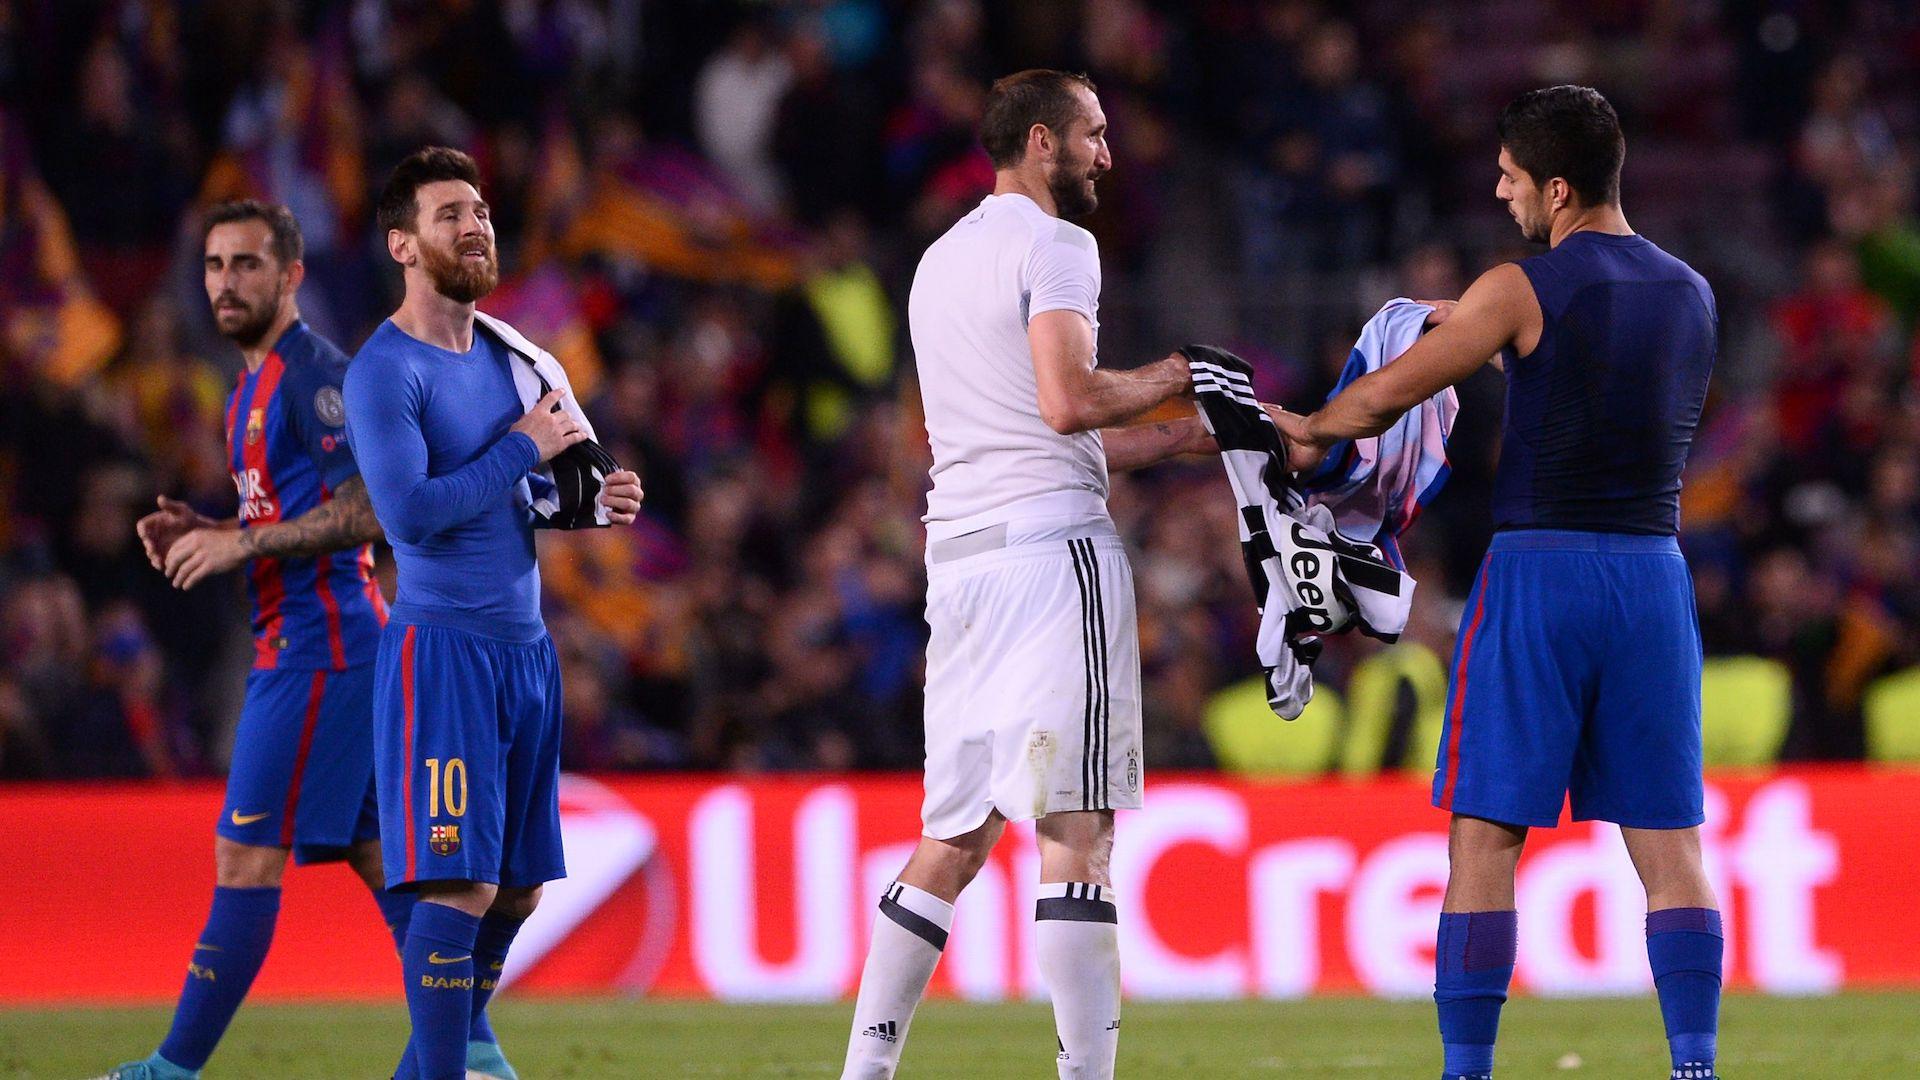 Increíble: lo que pasó entre Messi y los jugadores de Juventus